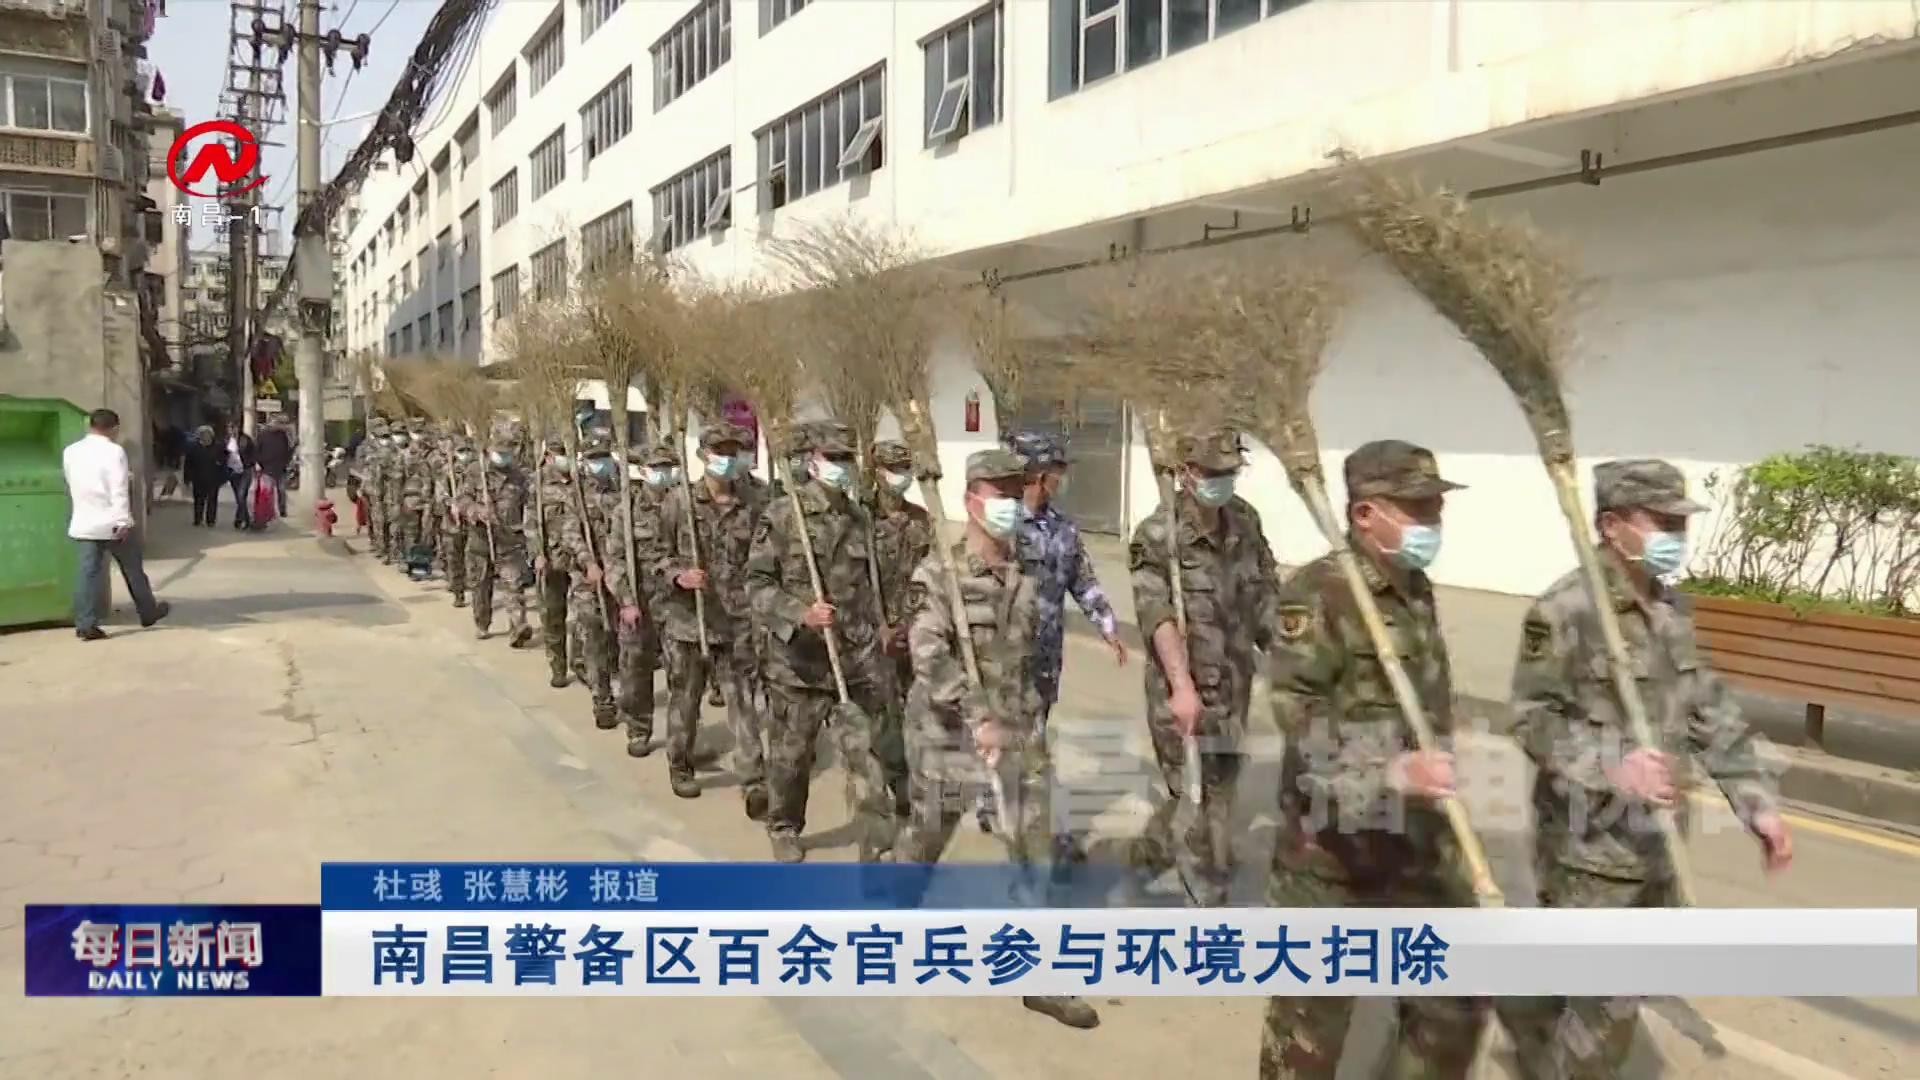 南昌警備區百余官兵參與環境大掃除